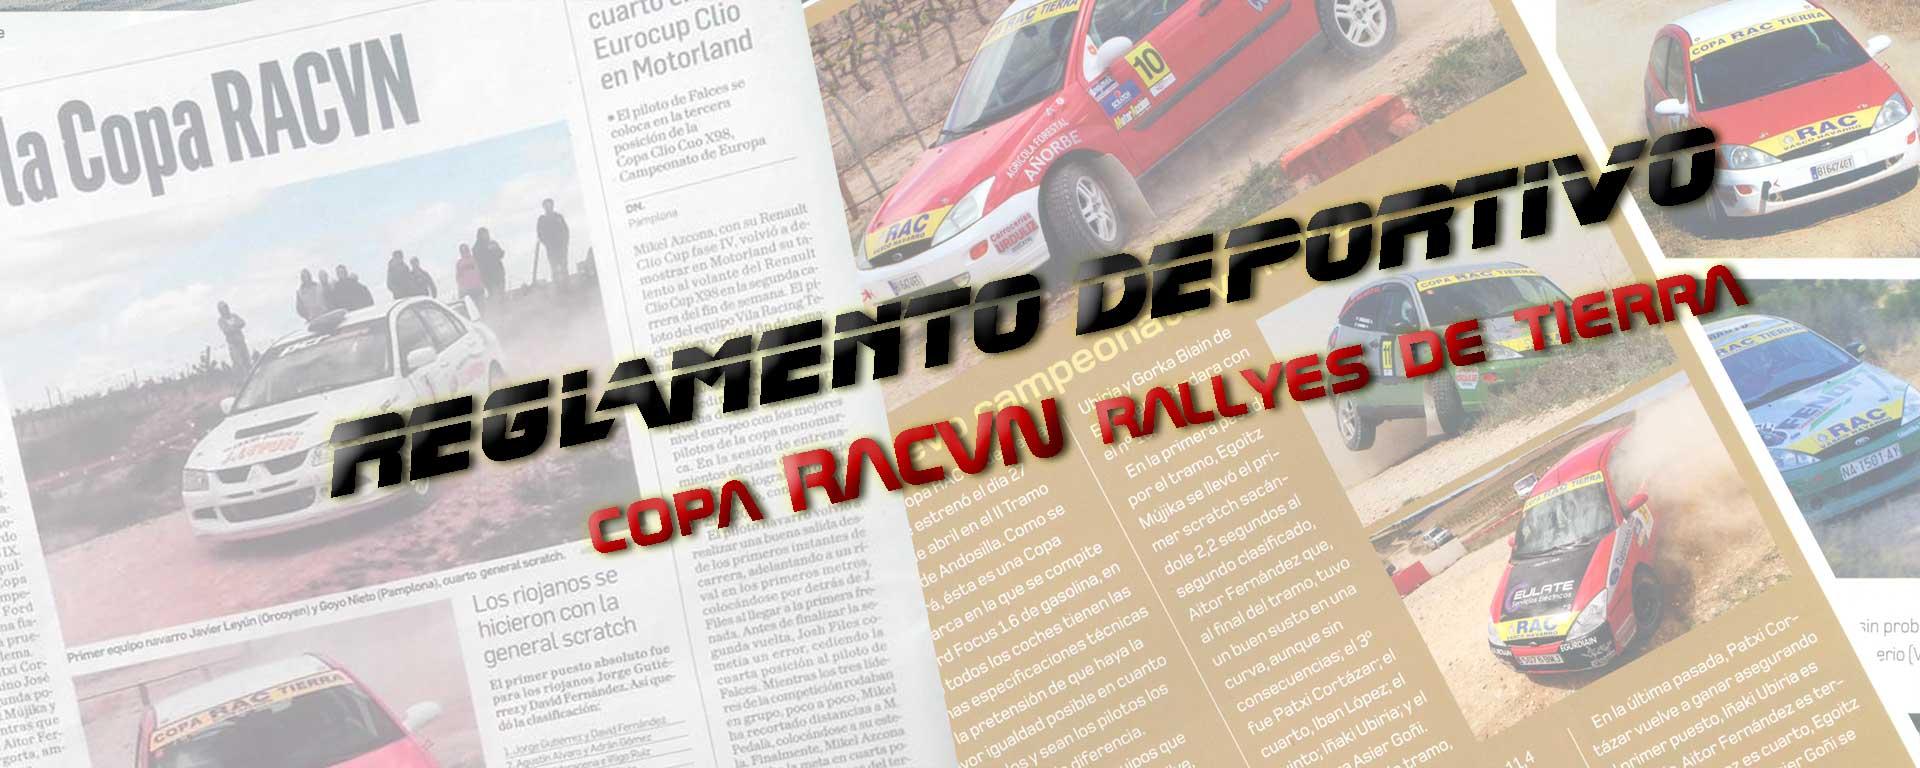 REGLAMENTOS-copa-racvn_web